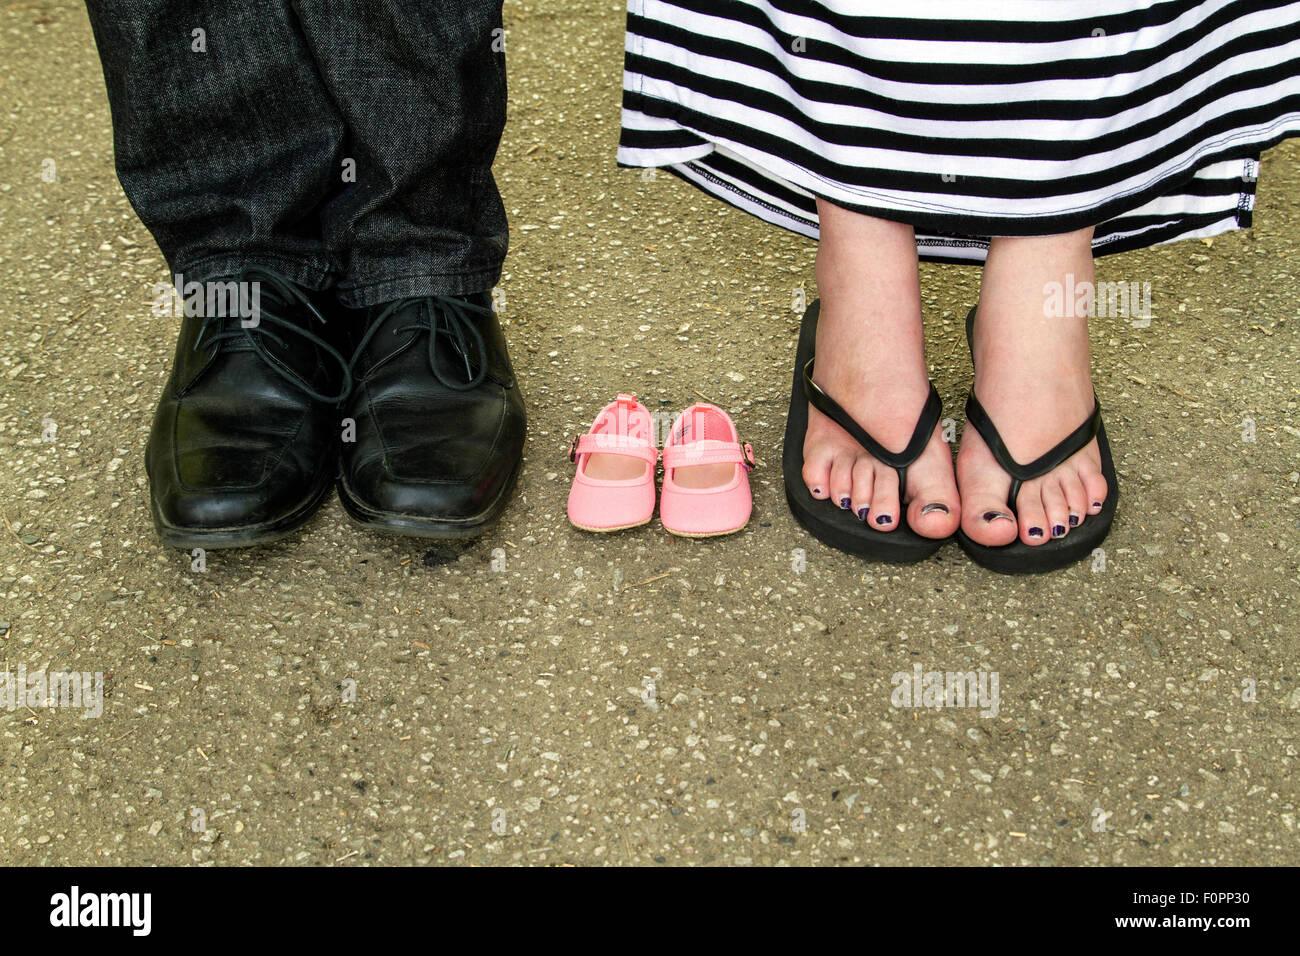 Un hombre y una mujer de los pies con un par de zapatos de bebé entre ellos. Imagen De Stock